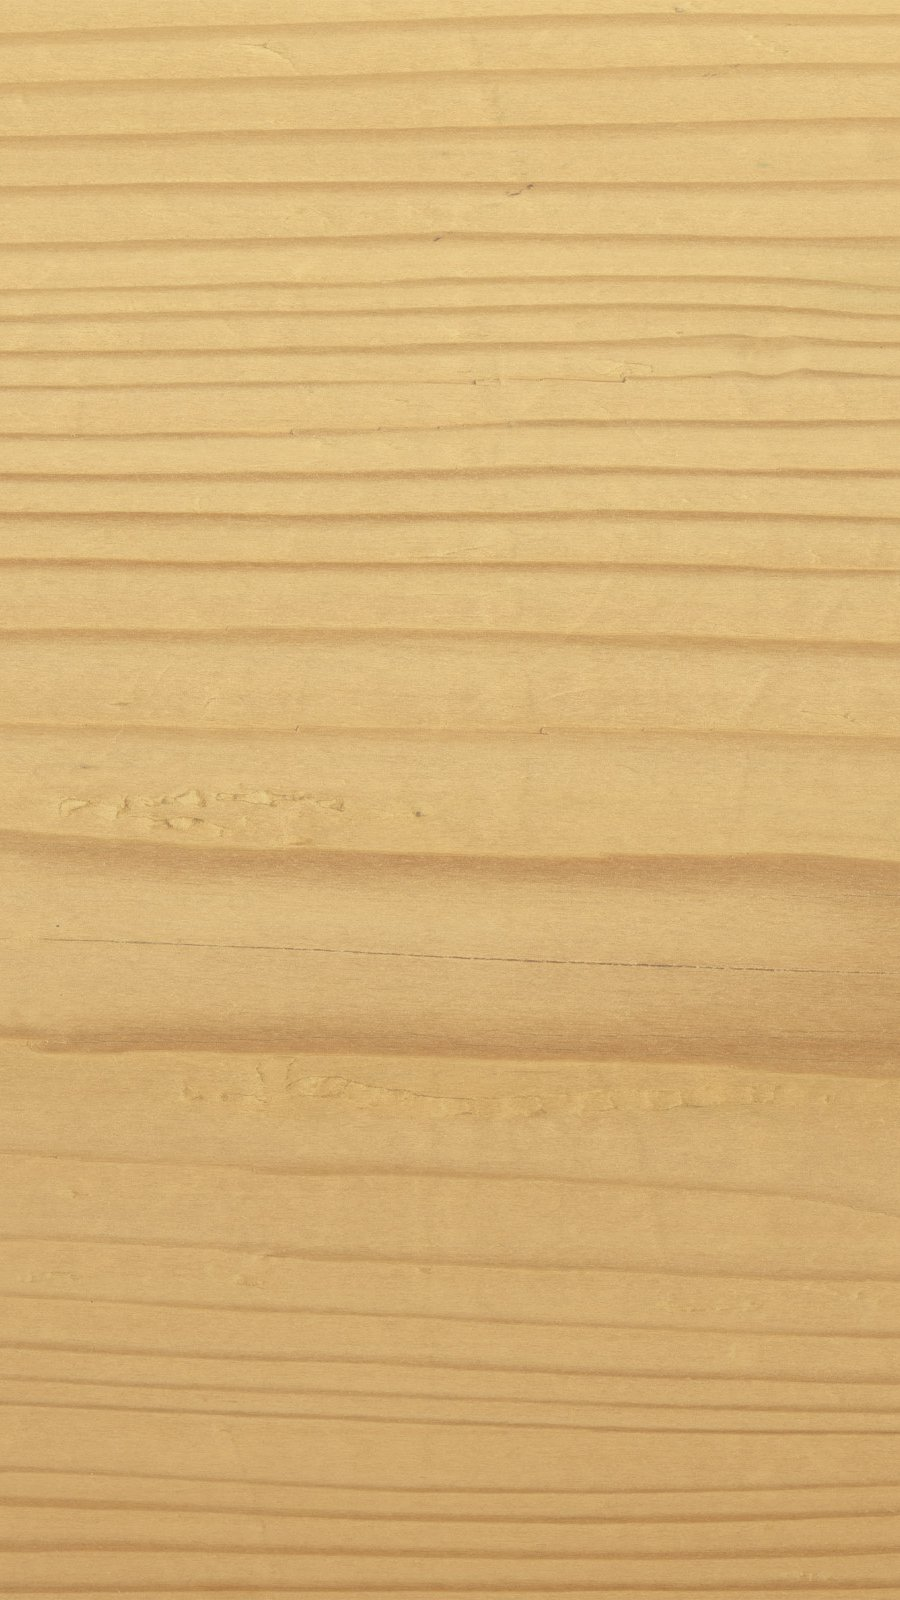 Fondos de pantalla Textura de Madera Vertical